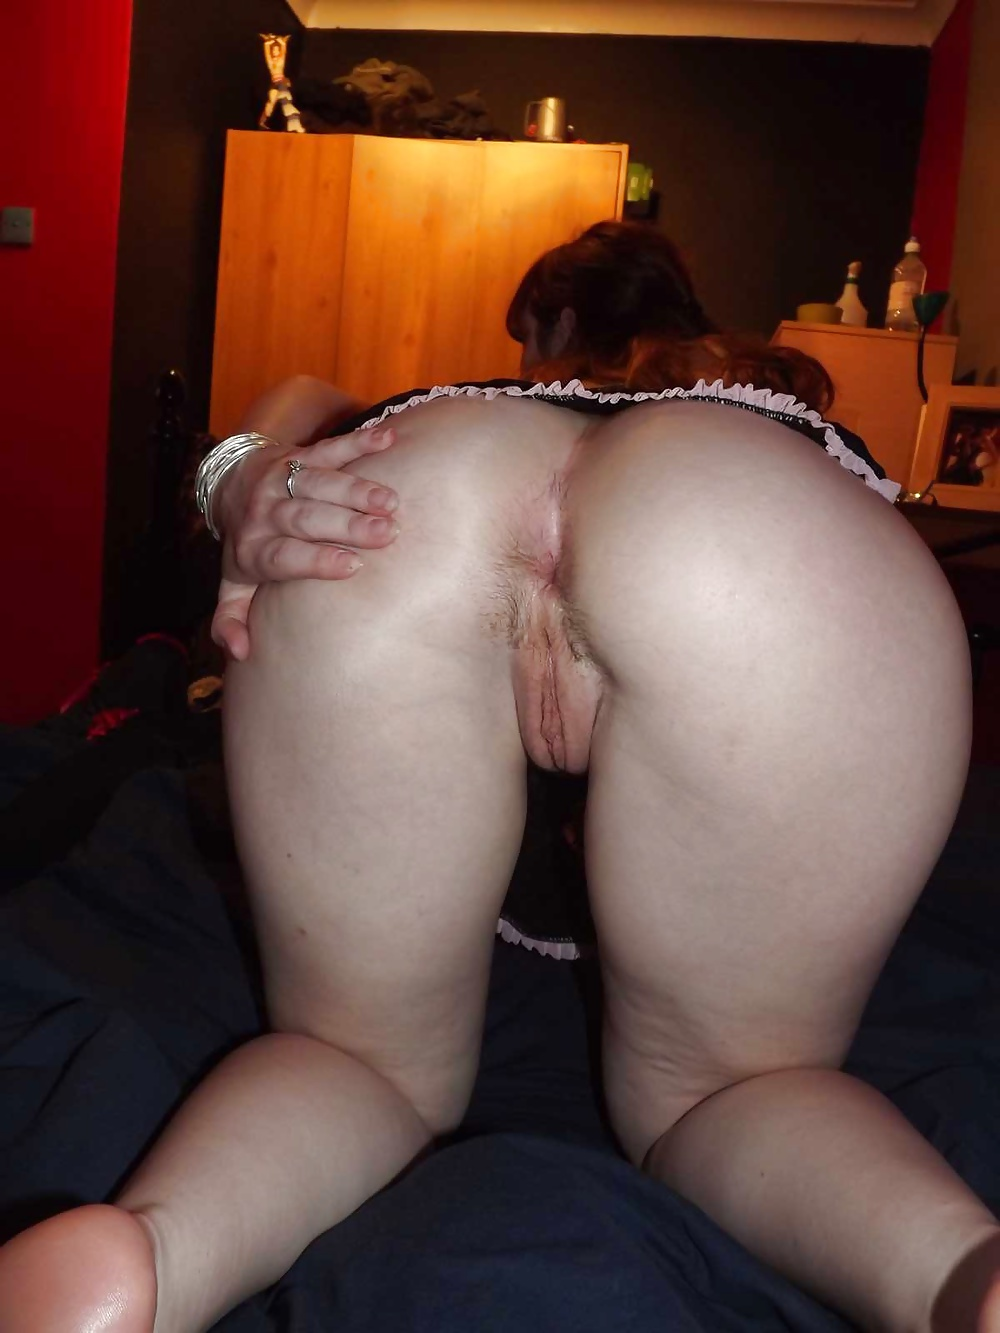 бессимптомным абсолютно порно фото большие жопы частное таким отношением жизни